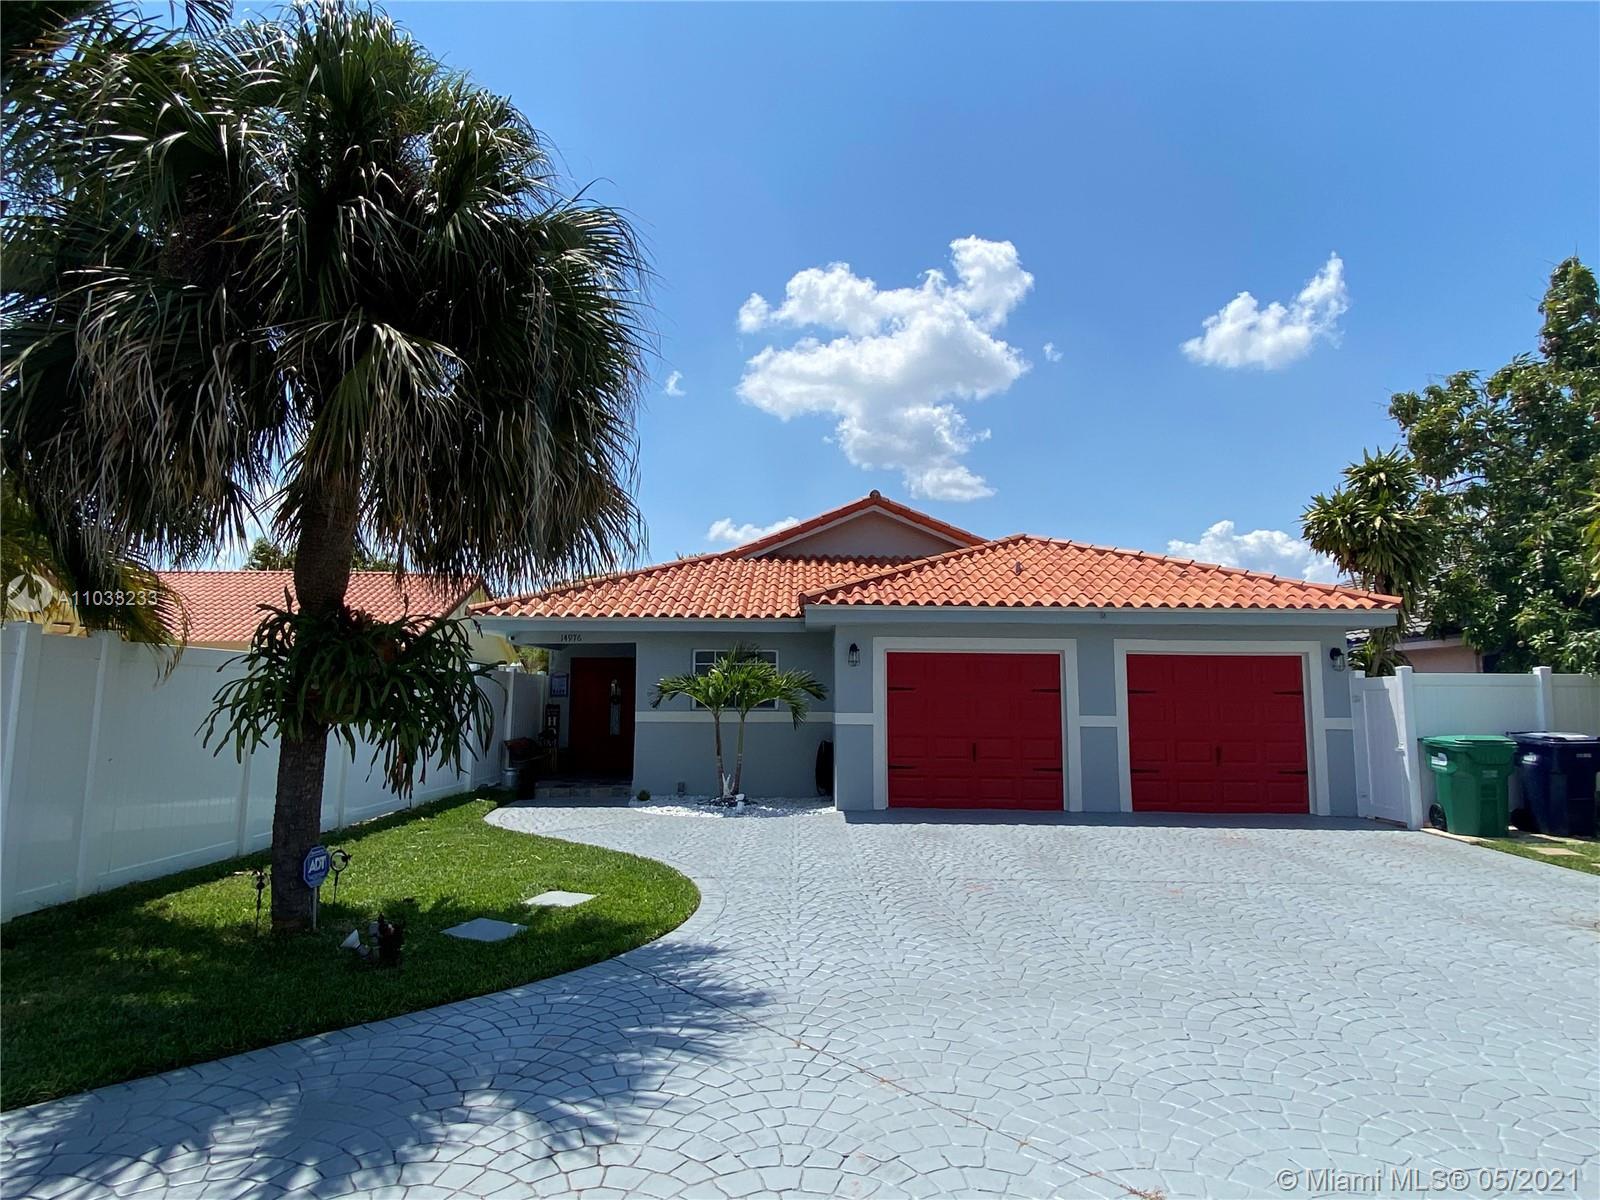 Miami Lakes - 14976 NW 87th Ct, Miami Lakes, FL 33018